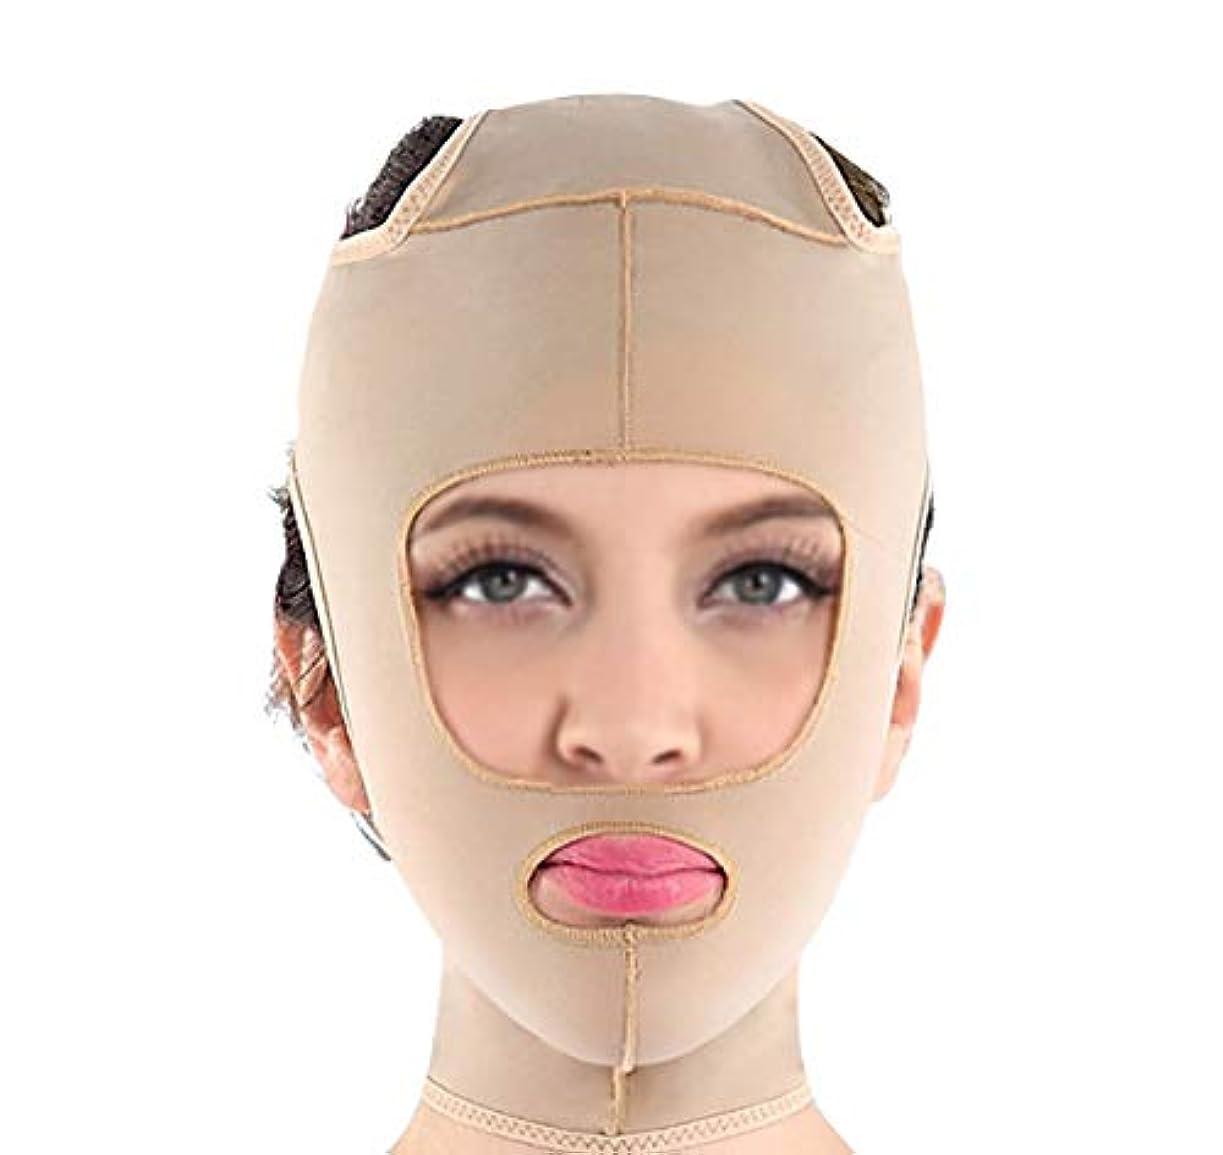 わずかなバトルレーダー顔に肌をより堅く保つためのフェイスリフティングマスク、V字型の顔の形、超薄型の通気性、調節可能で快適な着用 (Size : XL)